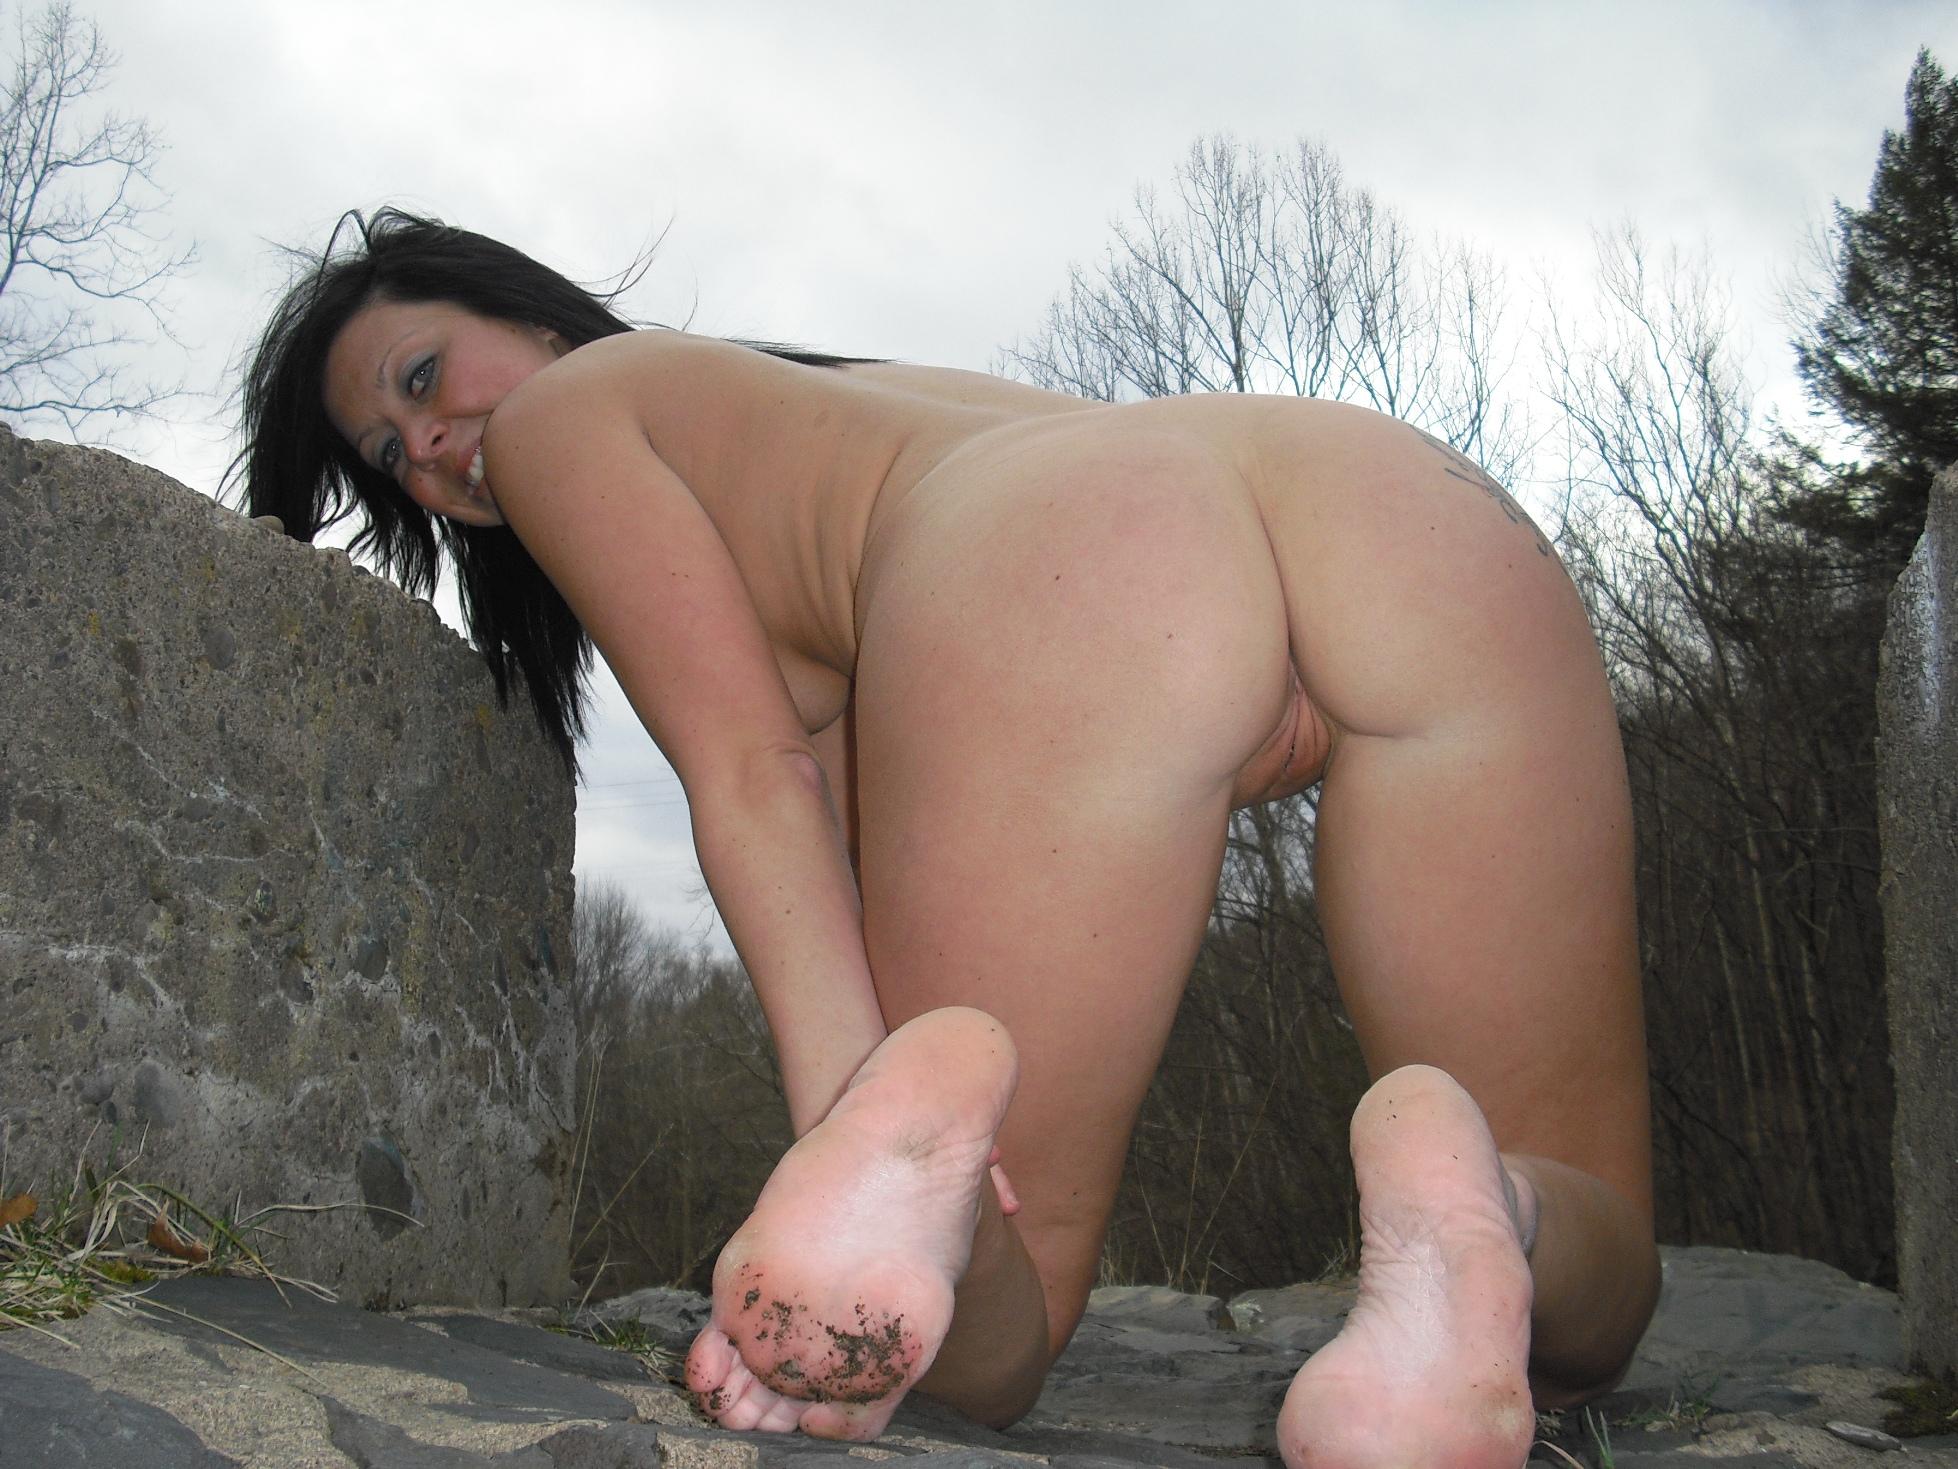 Русские шмели онлайн секс 12 фотография